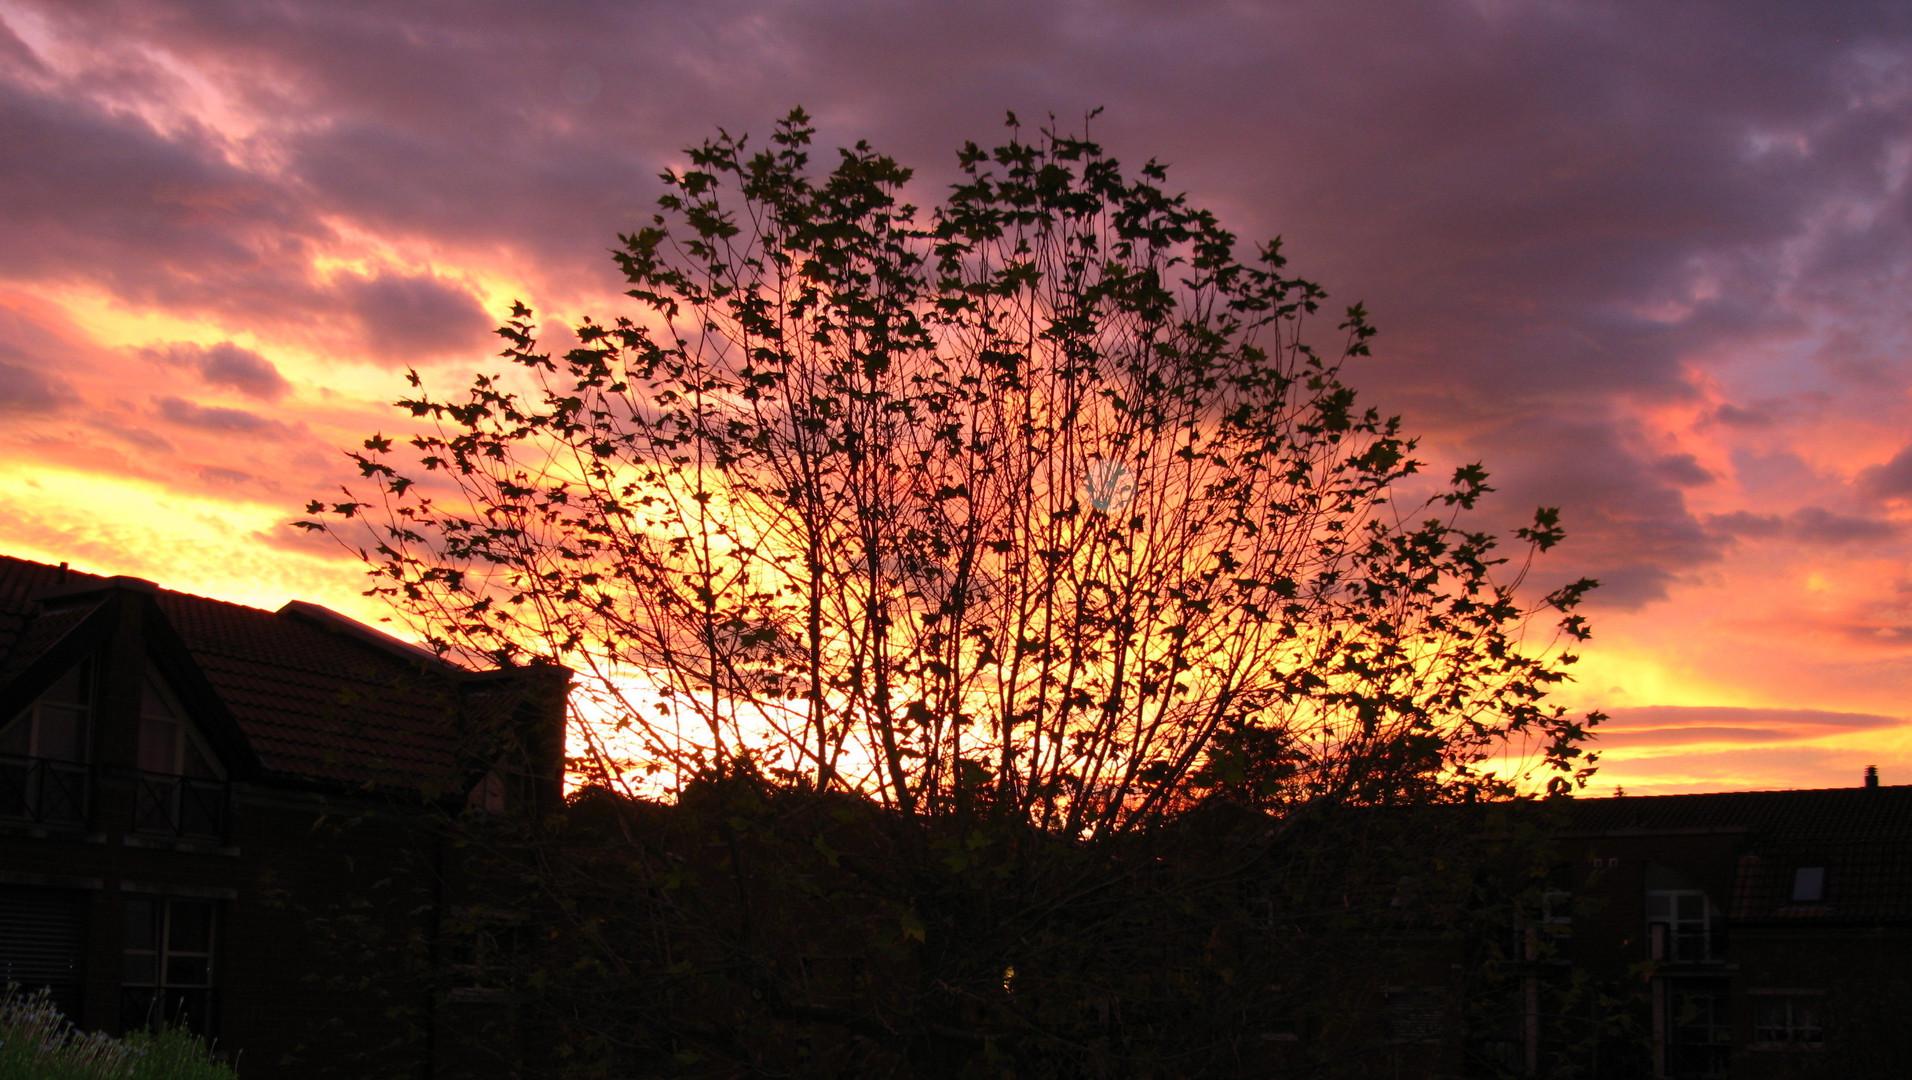 Herbstmorgen, der Himmel brennt!